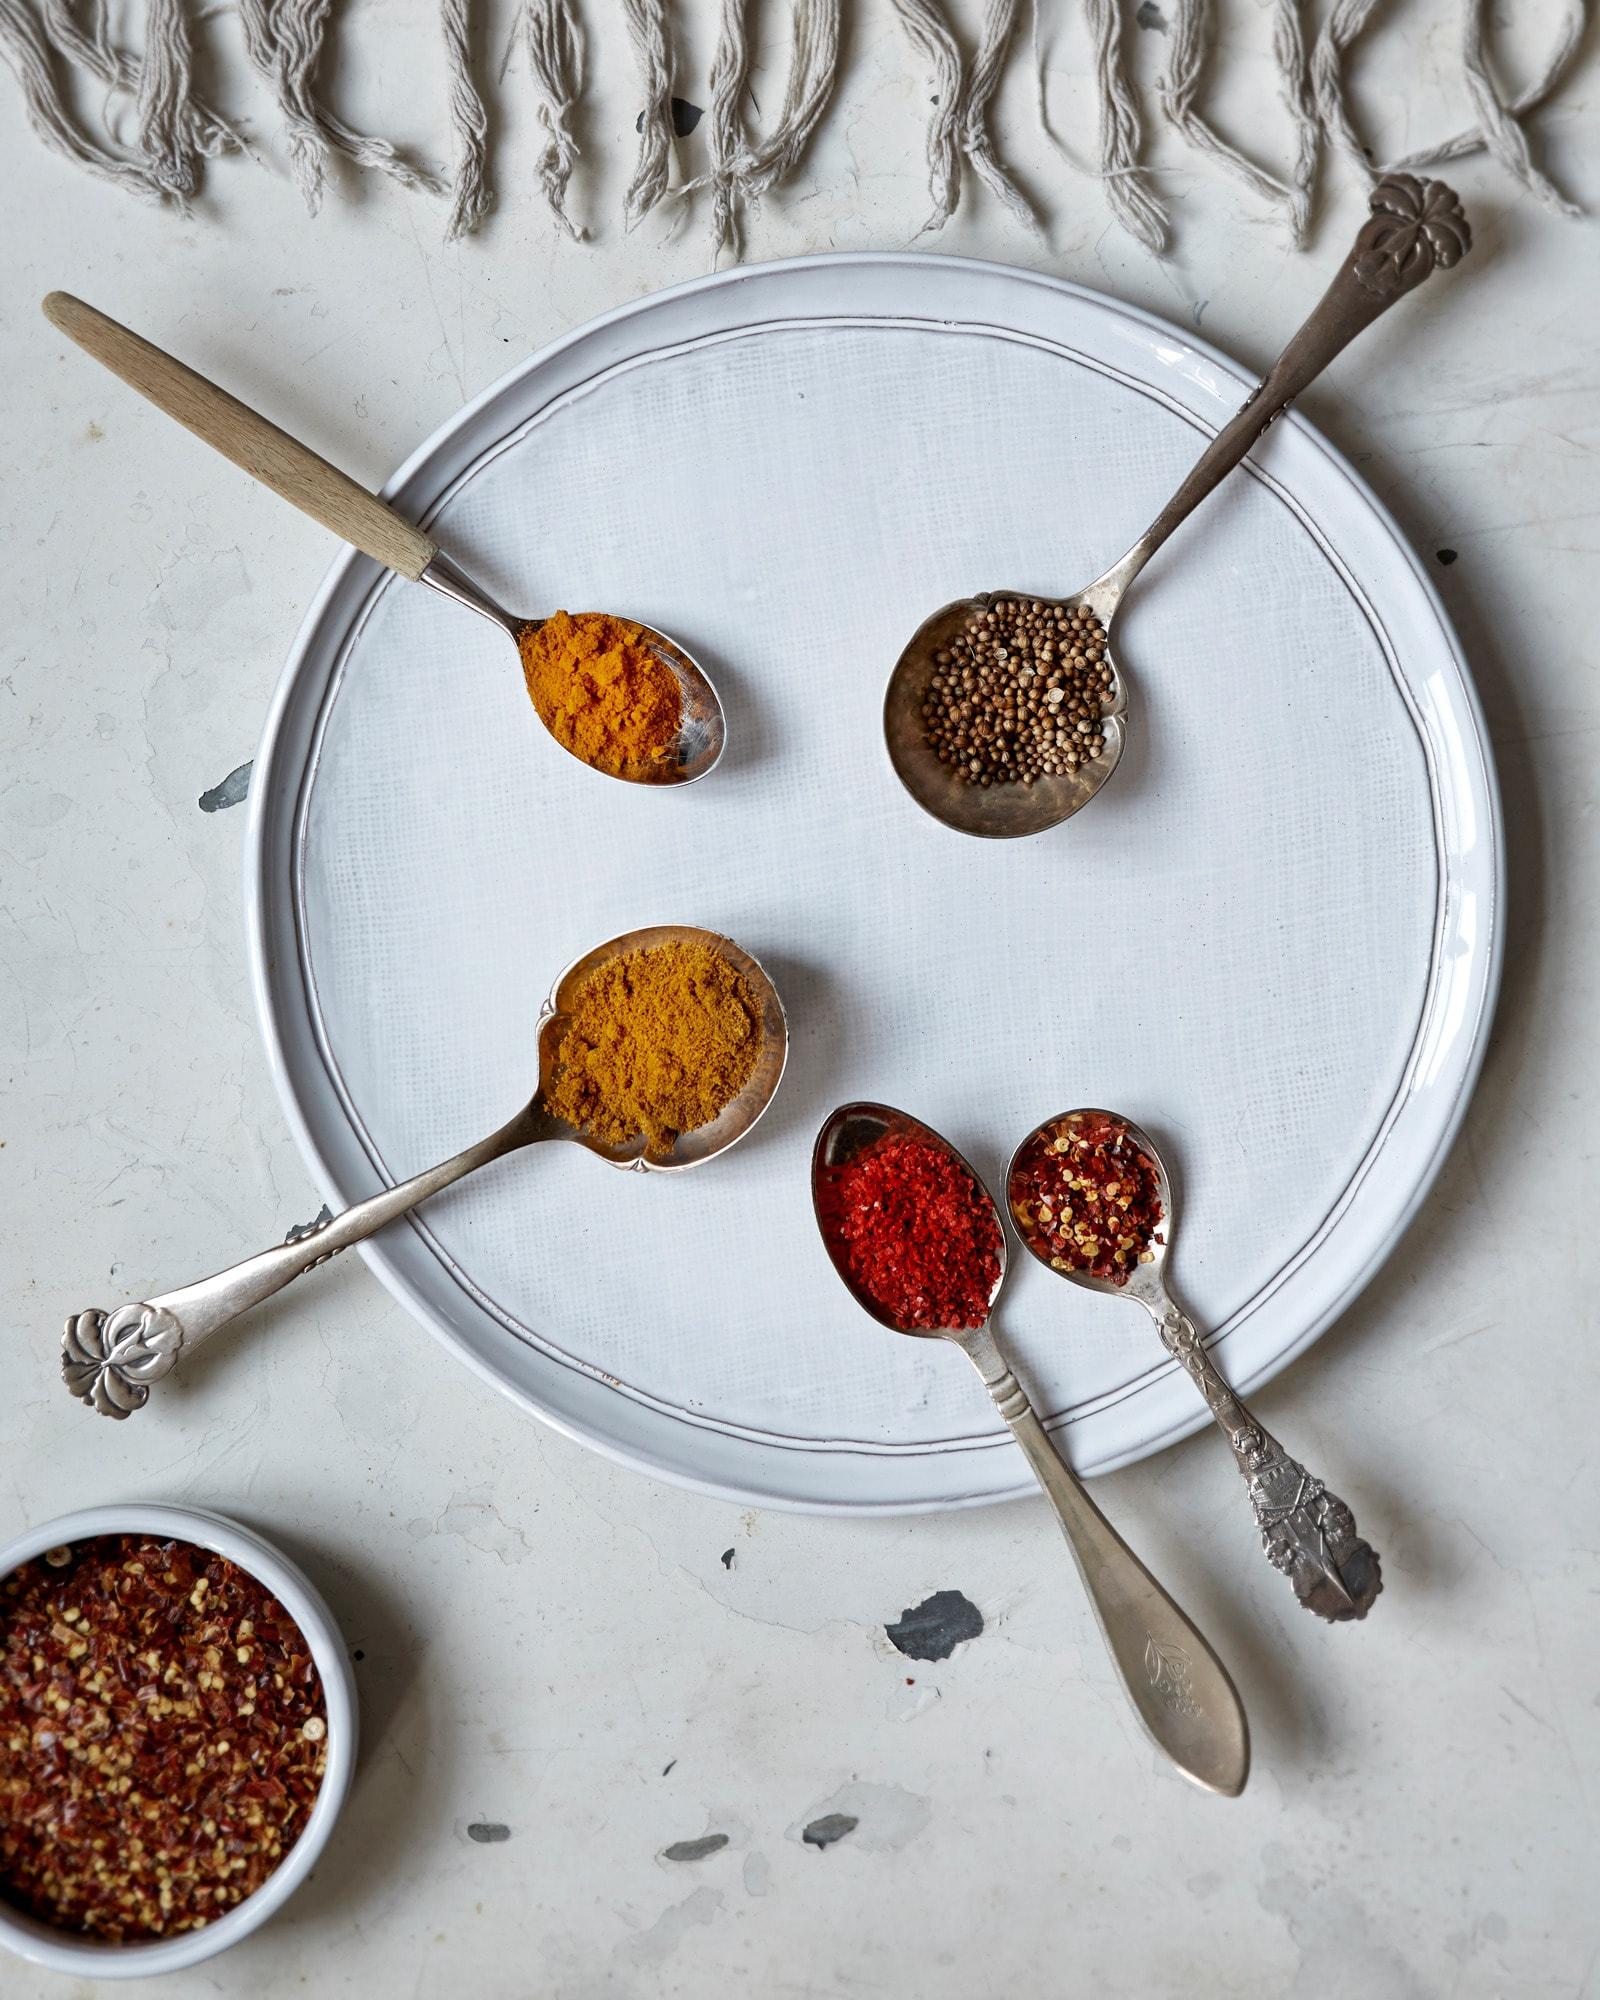 Ingredient, Food